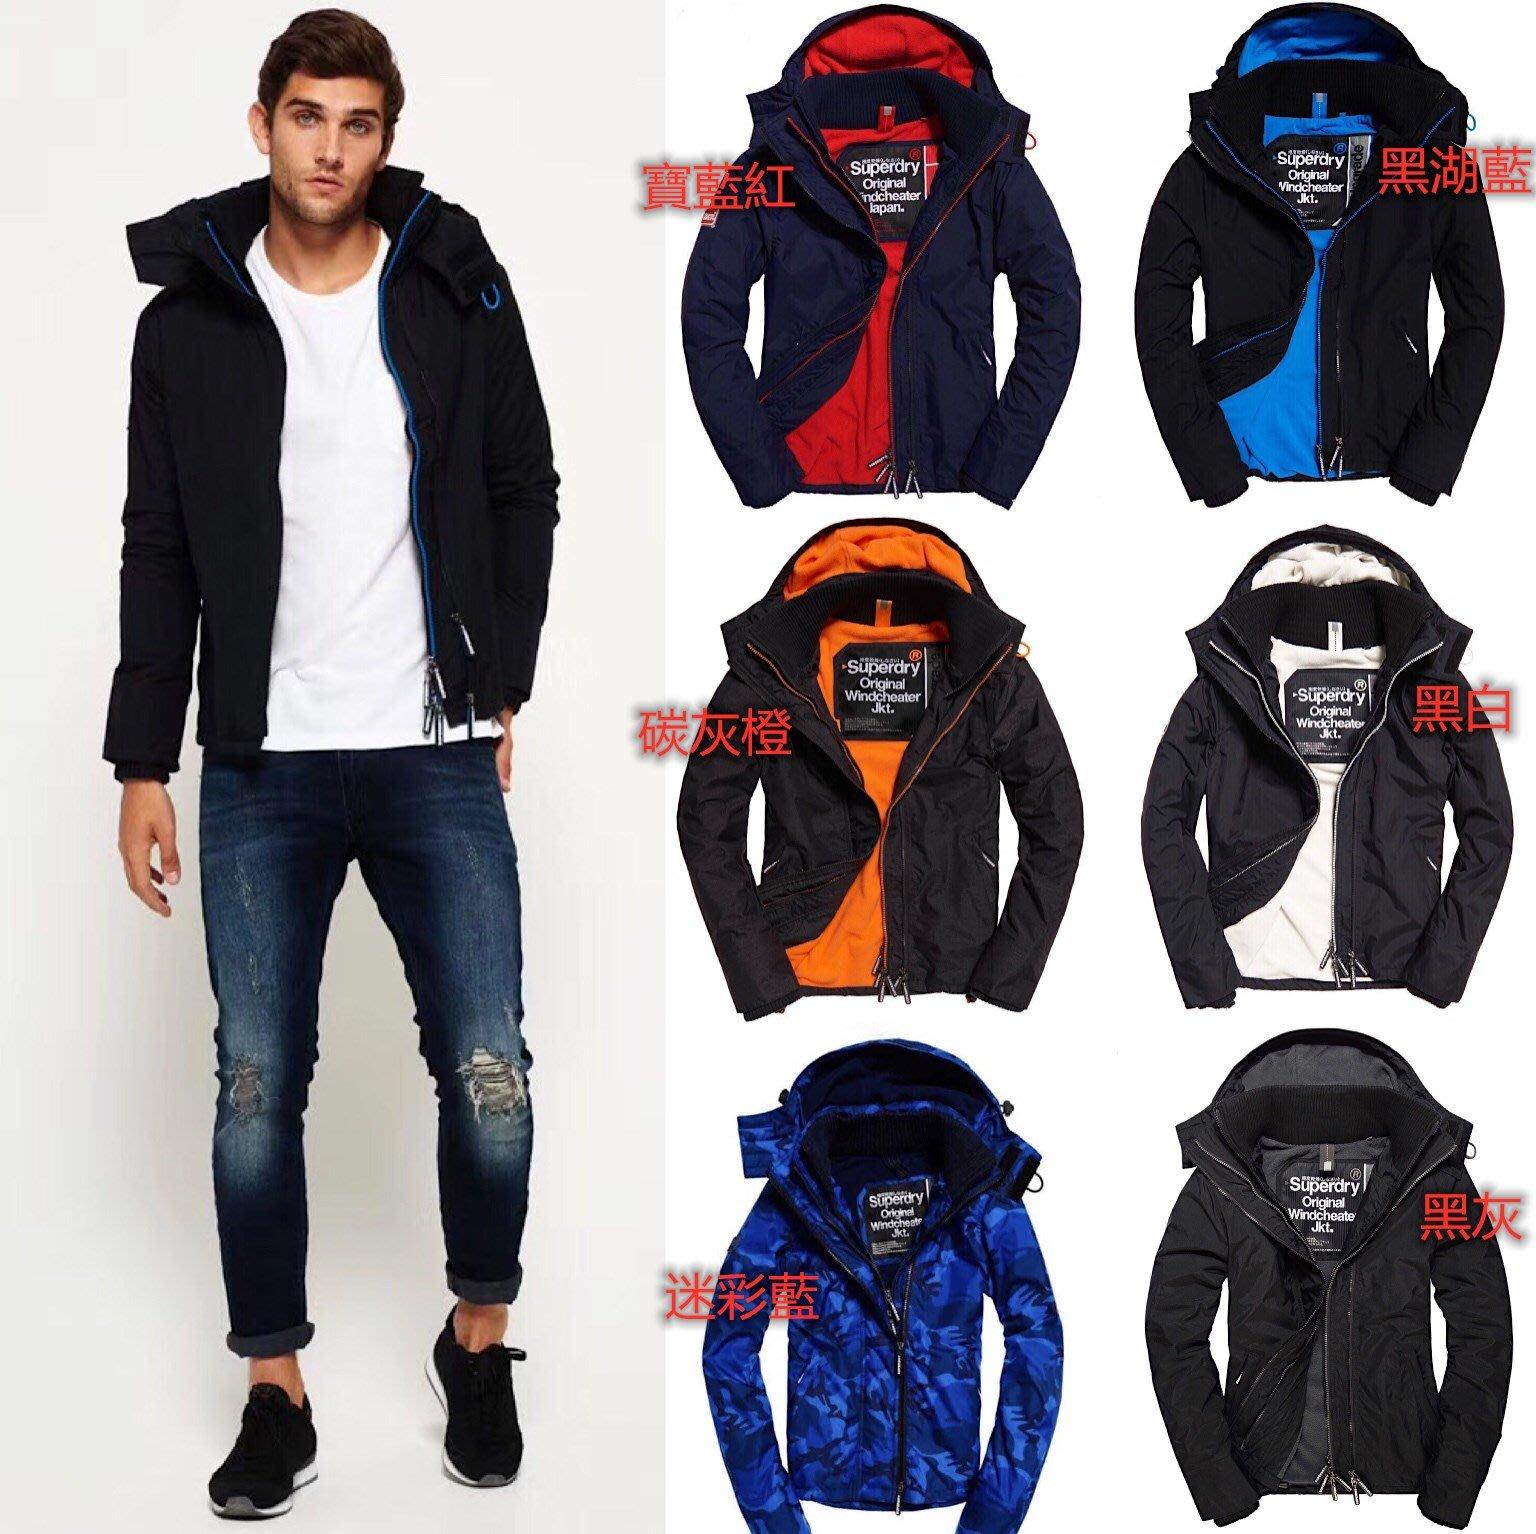 正版 極度幹燥Superdry男士純色青春流行三層拉鏈連帽加絨風衣夾克防水外套 保暖外套 防風外套 衝鋒衣 風衣外套